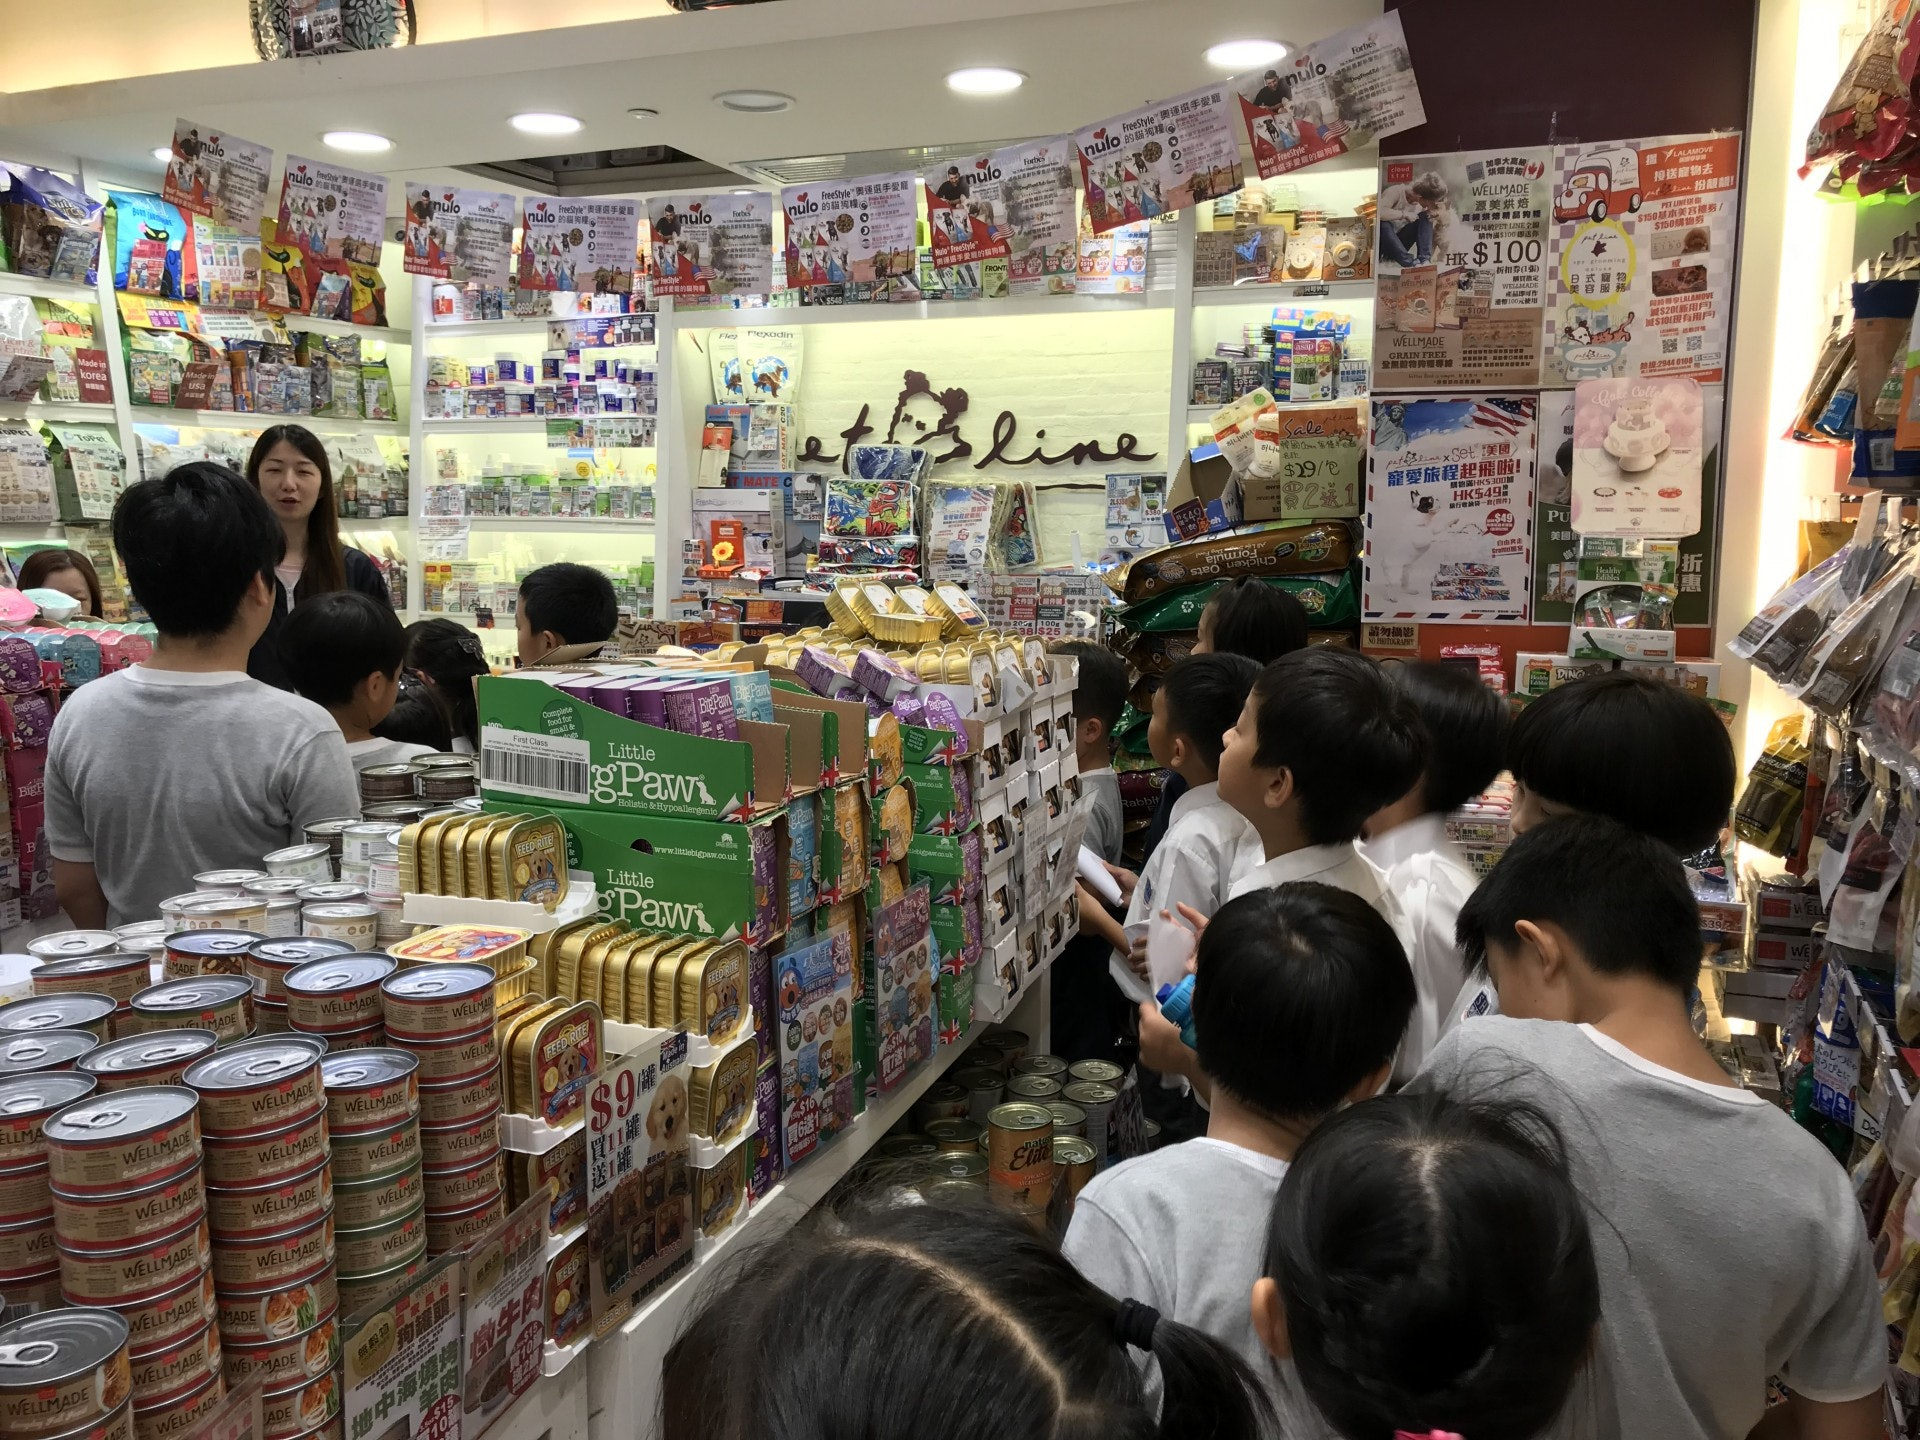 Pet Line 裡的店員為學生們介紹貓的日常用品 - 如食糧, 貓砂, 玩具等等。 學生在店裡四處探索一些適合建造貓 屋的物料及貓屋內應有的物品。(德萃小學圖片)